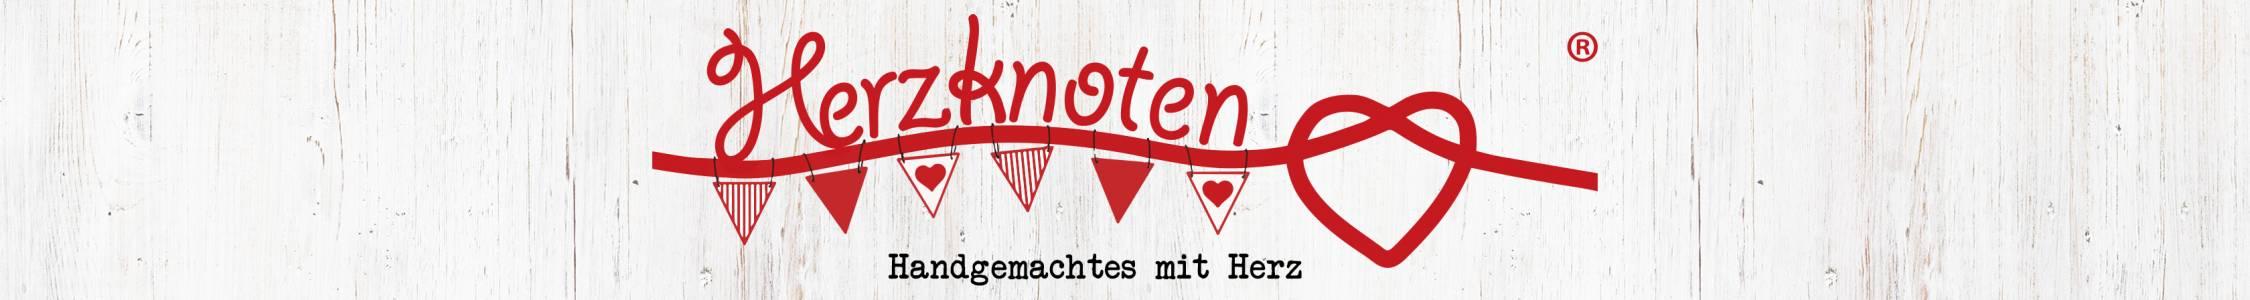 Herzknoten auf kasuwa.de